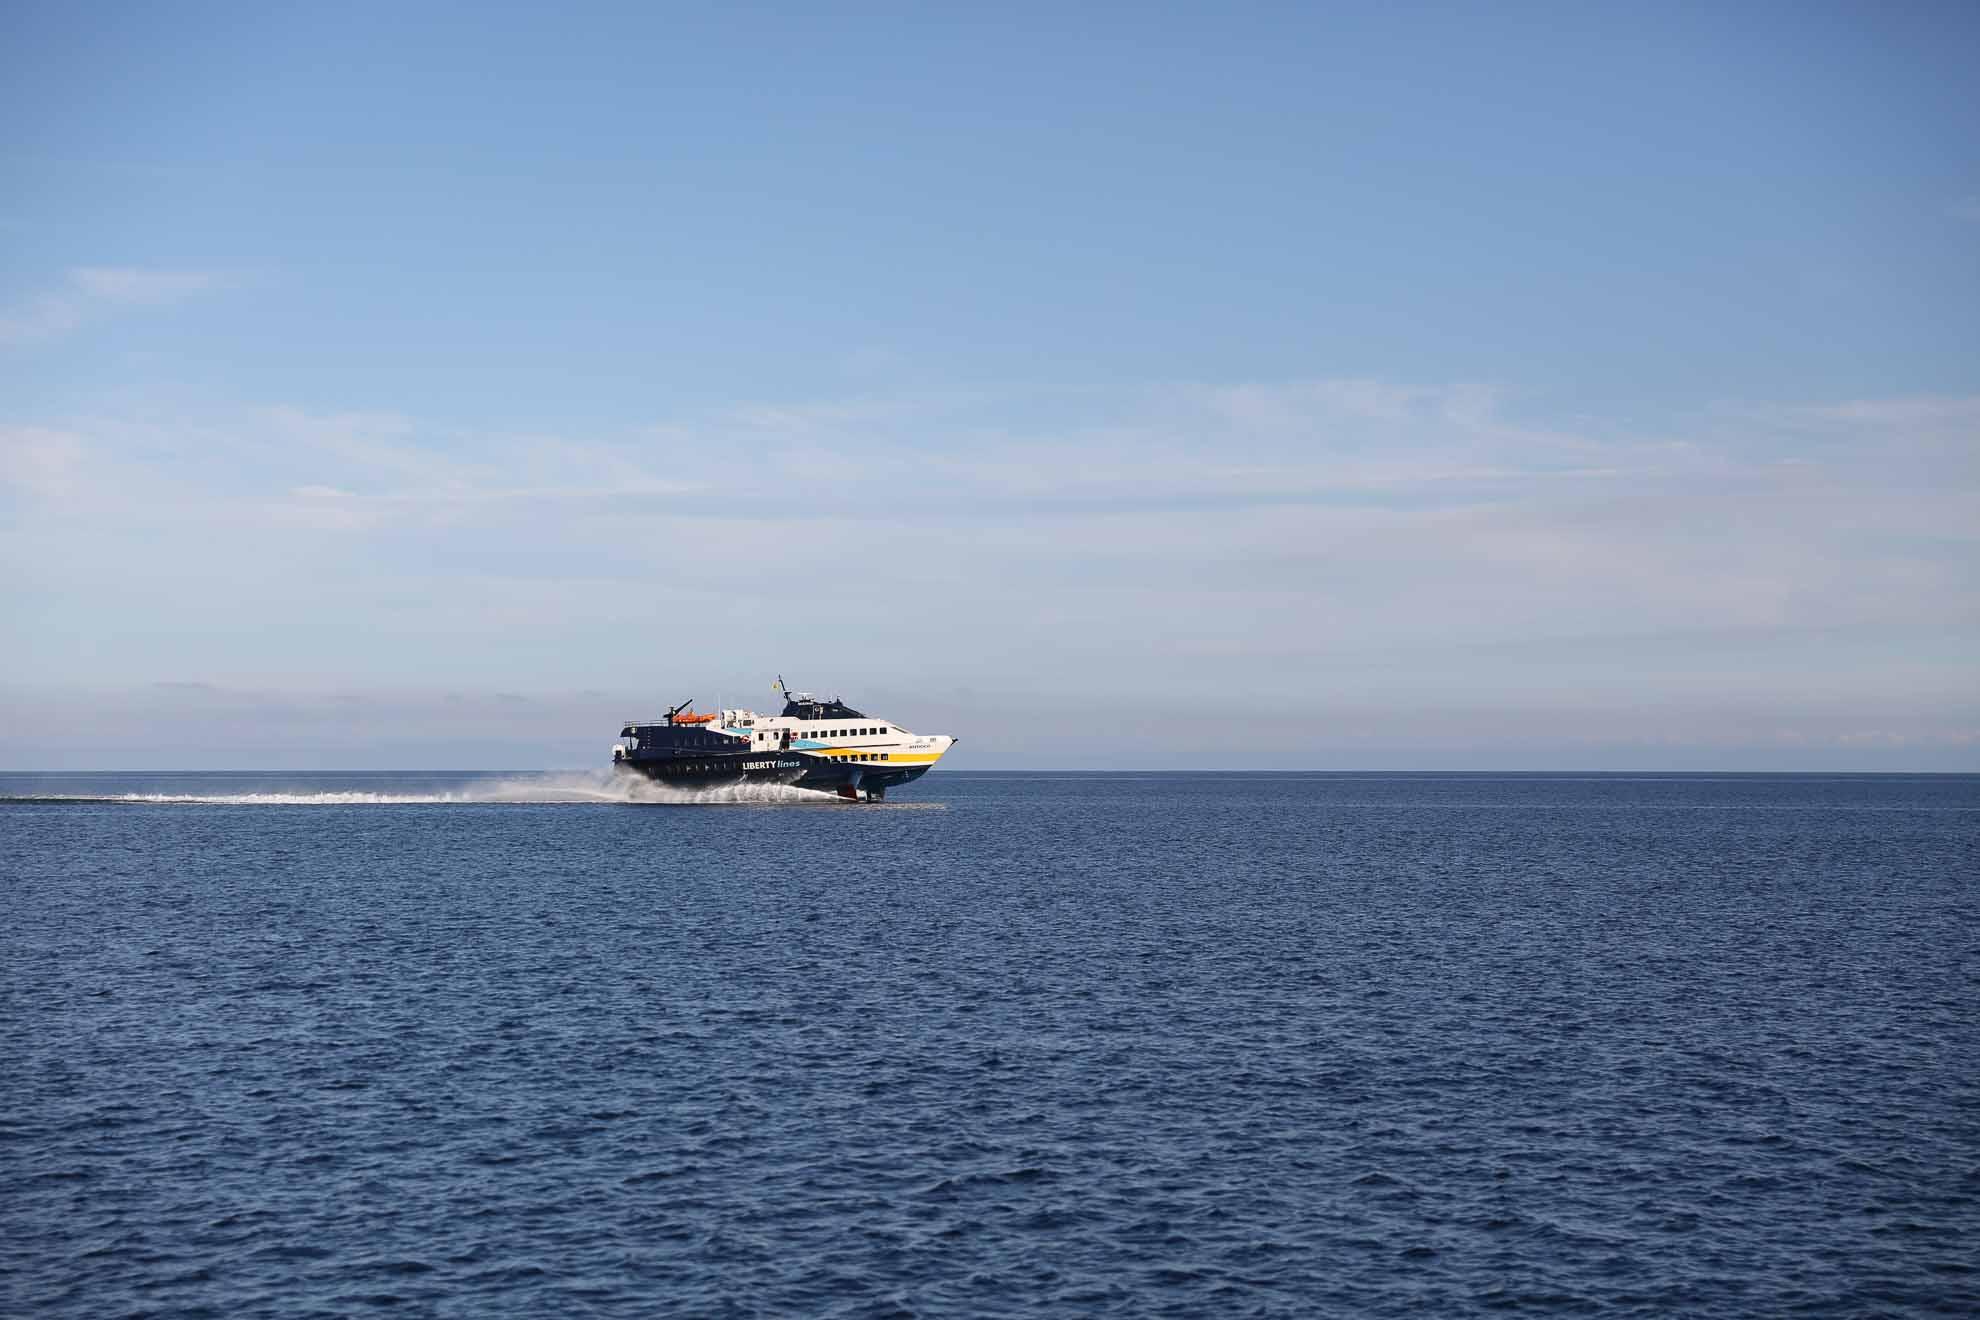 ... lebt heute größtenteils vom Tourismus. Schnellboote fahren von der italienischen Küste zu den Vulkaninseln.